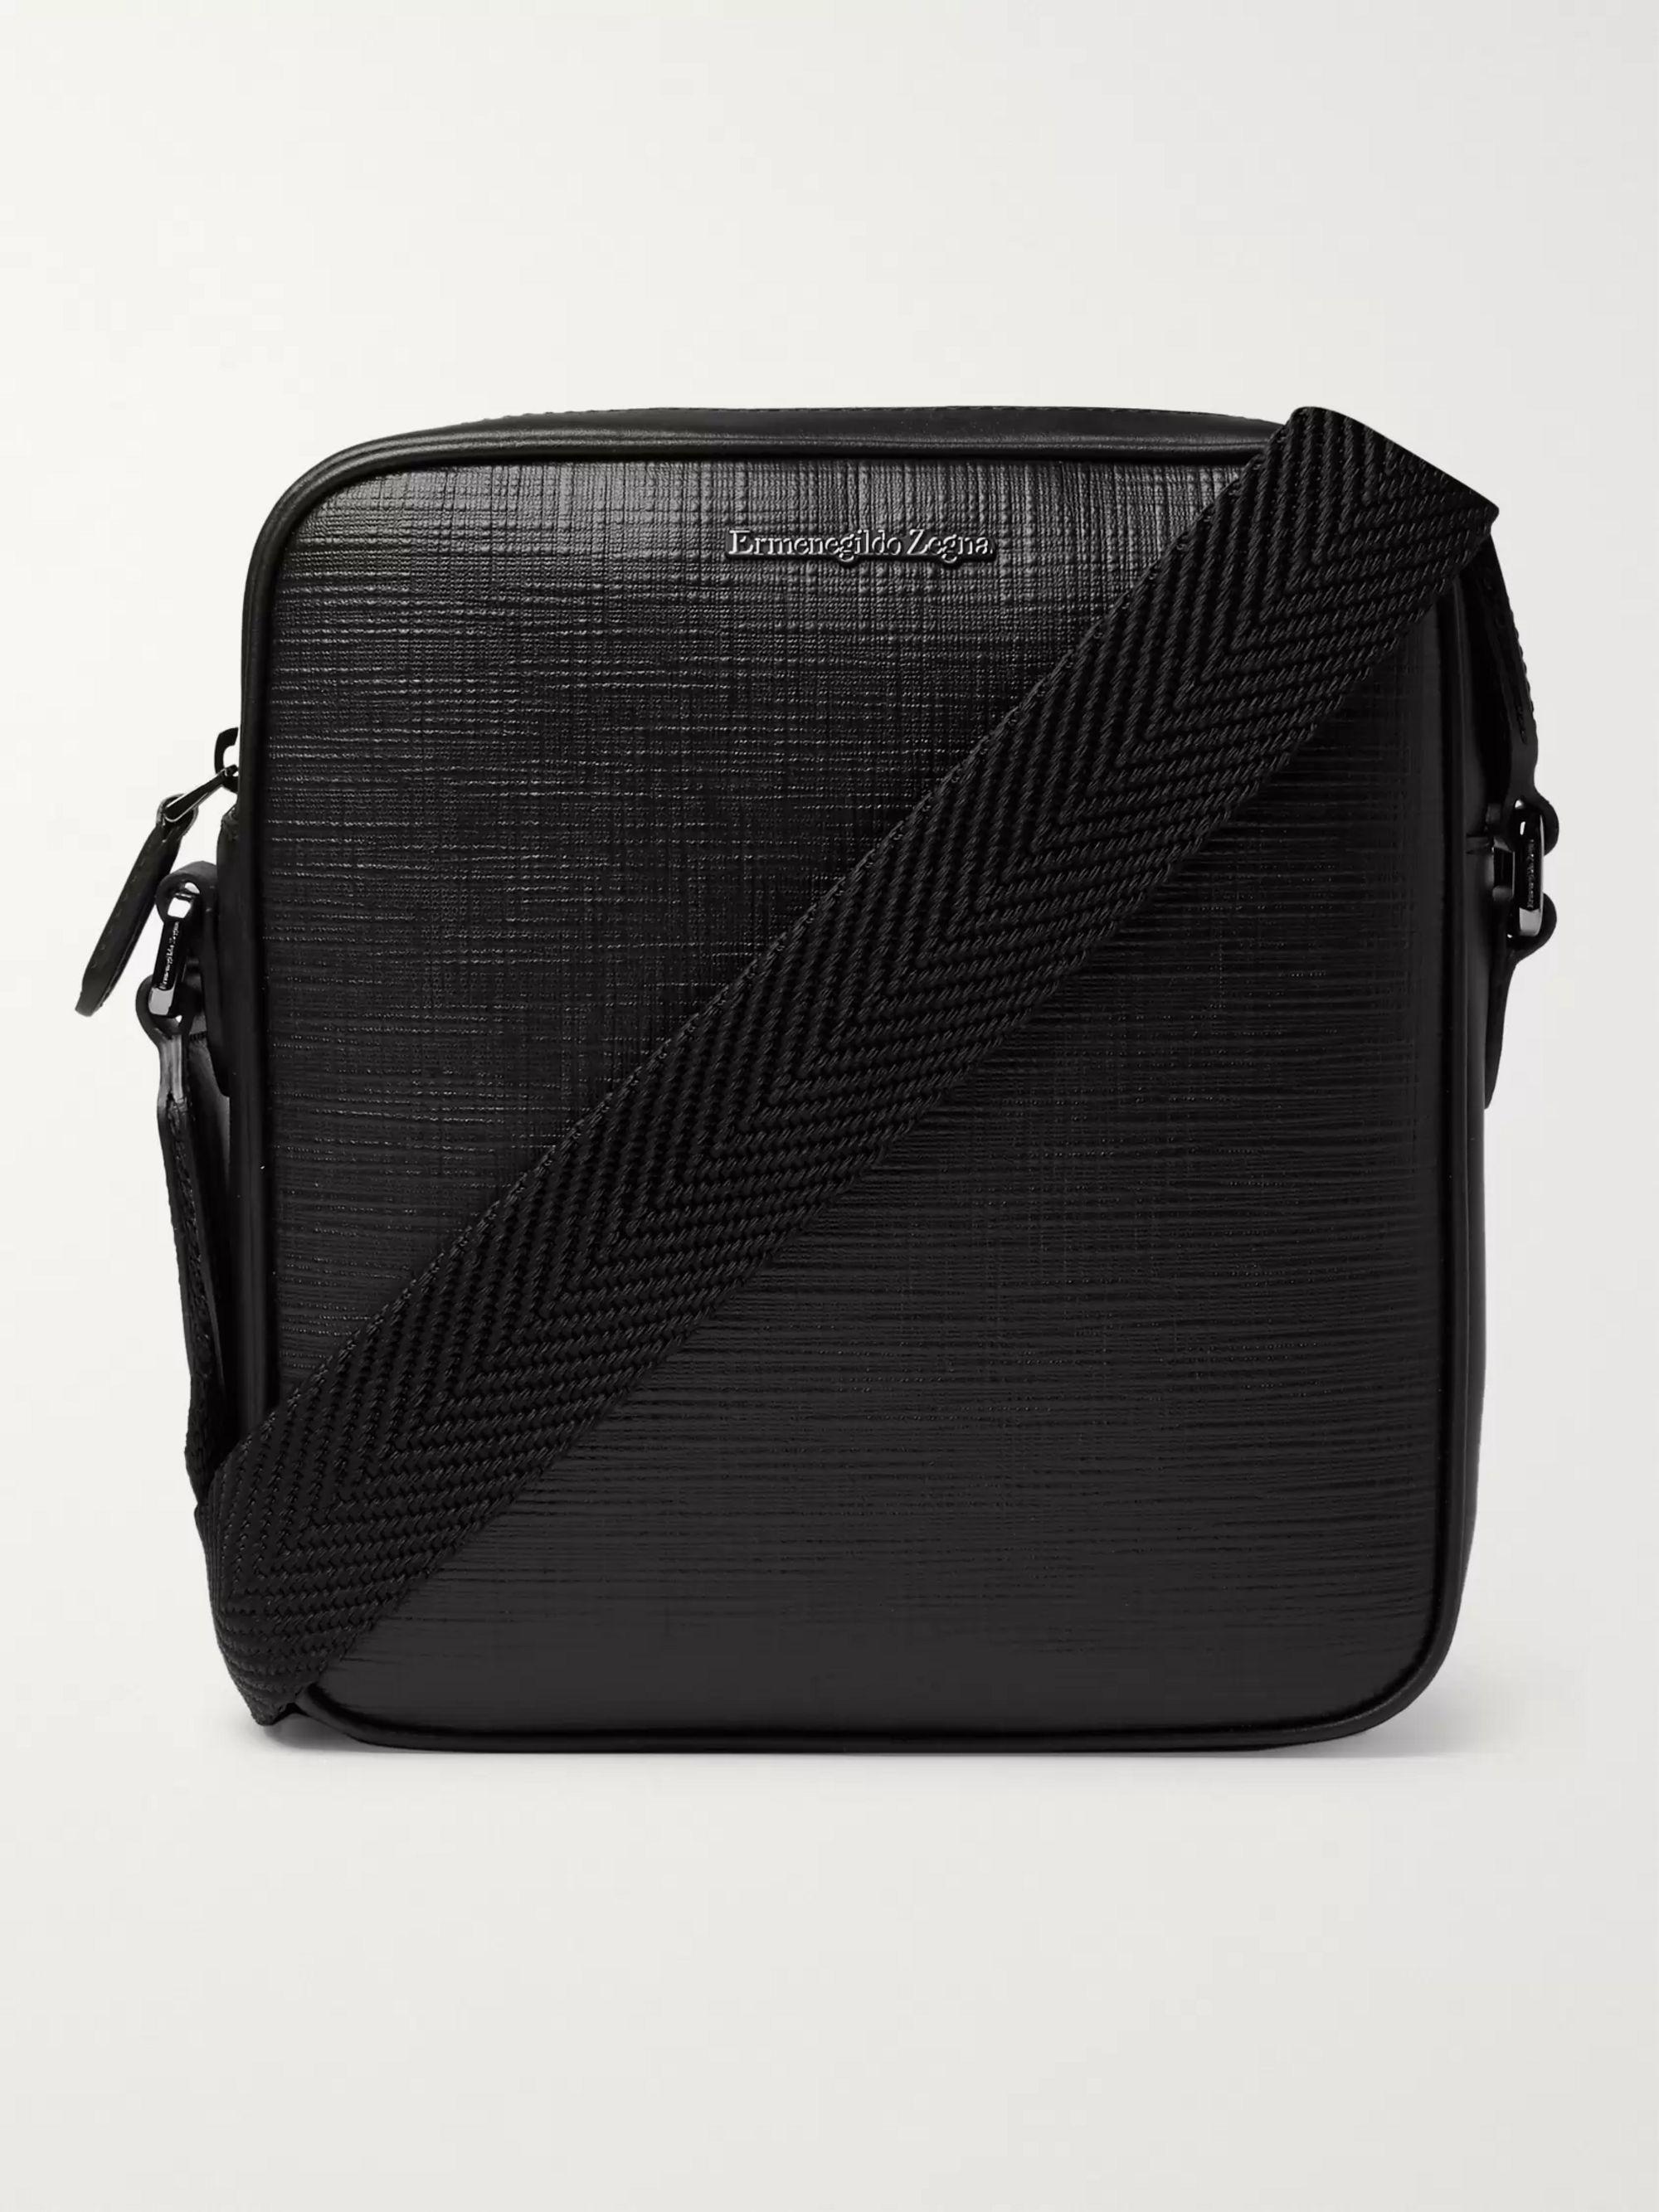 제냐 Zegna Logo-Embellished Cross-Grain Leather Messenger Bag,Black